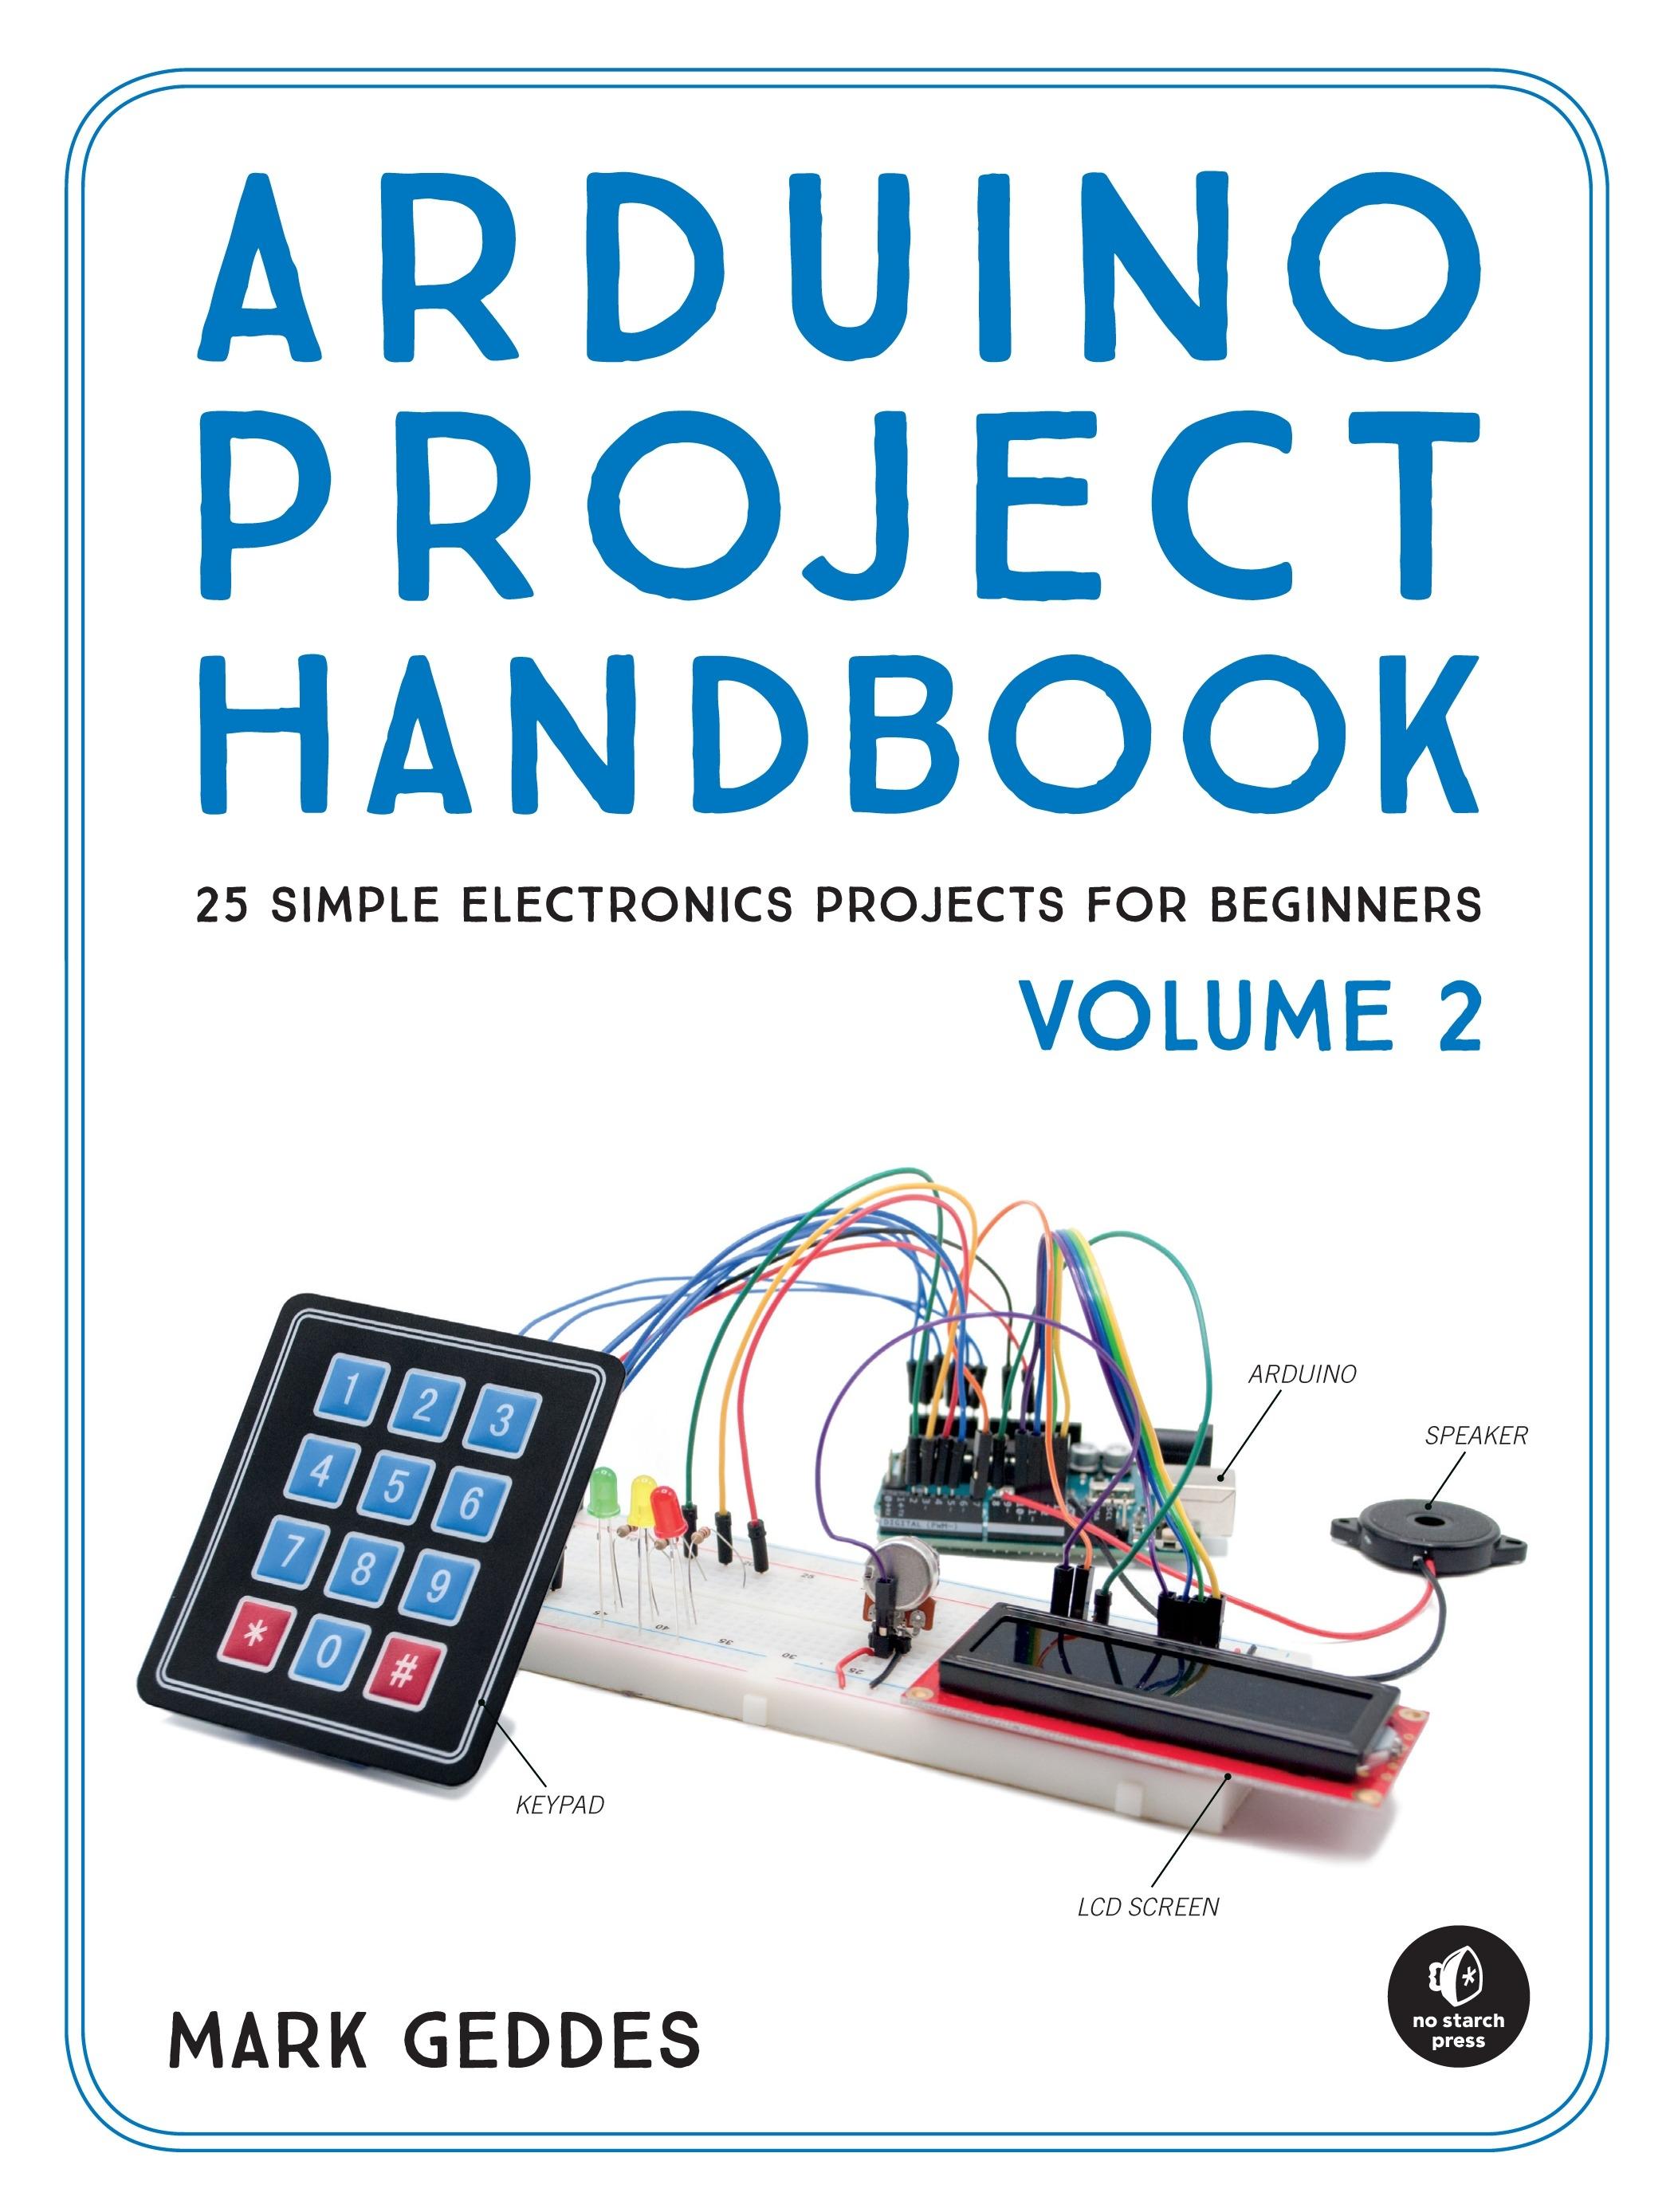 Arduino Project Handbook, Volume 2 by Mark Geddes - Penguin